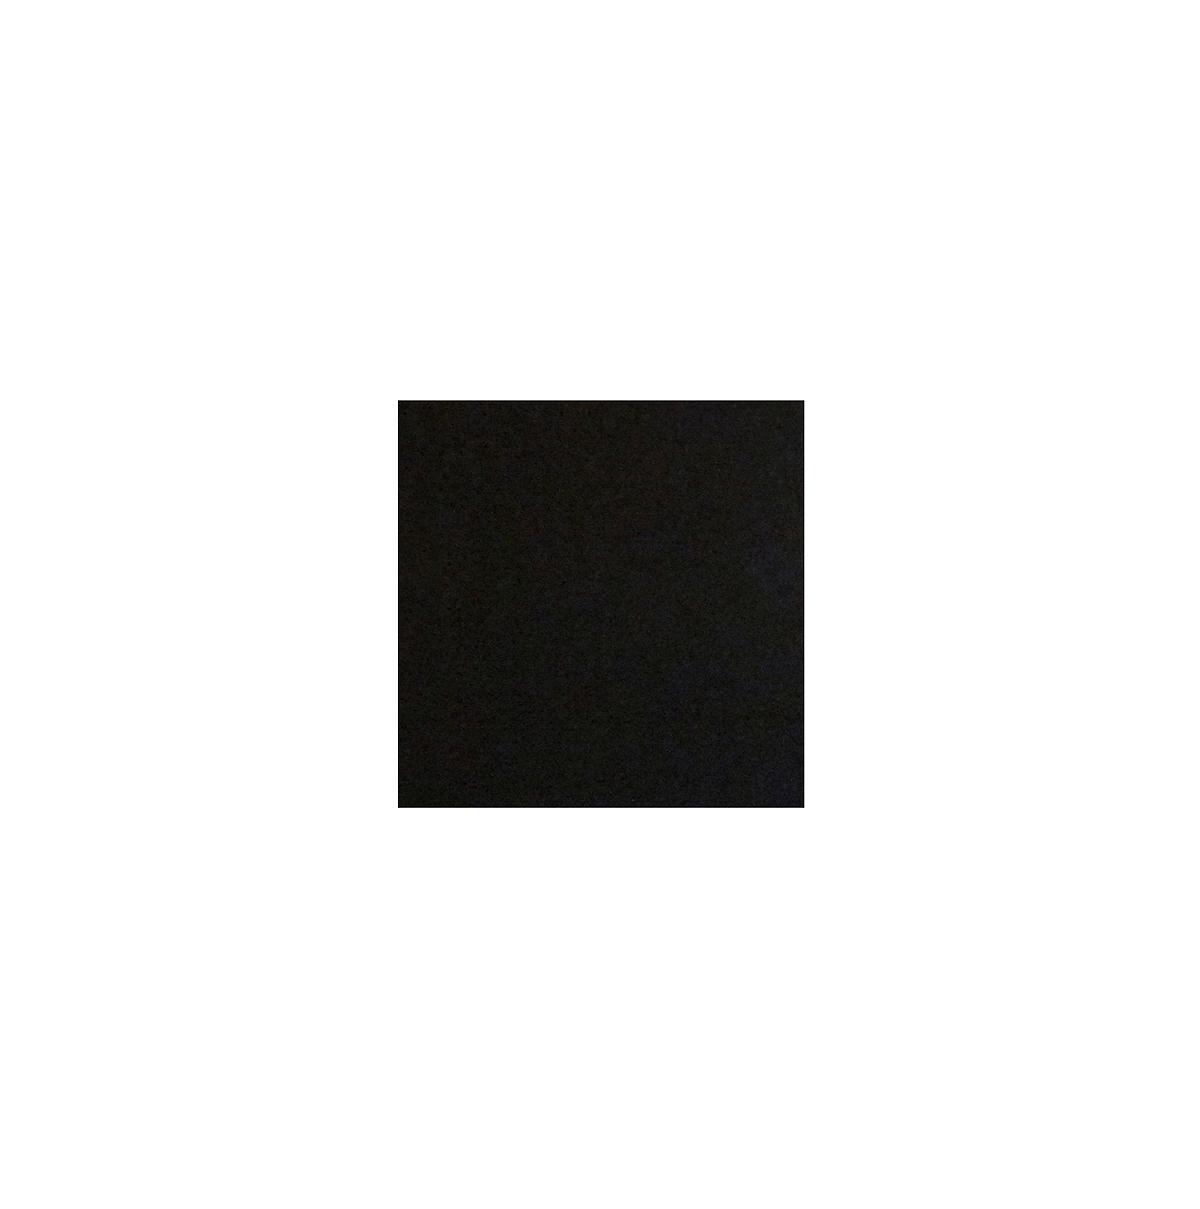 Peinture Minimal Space – Diptyque 10x10 /Peinture acrylique sur toile, non vernis